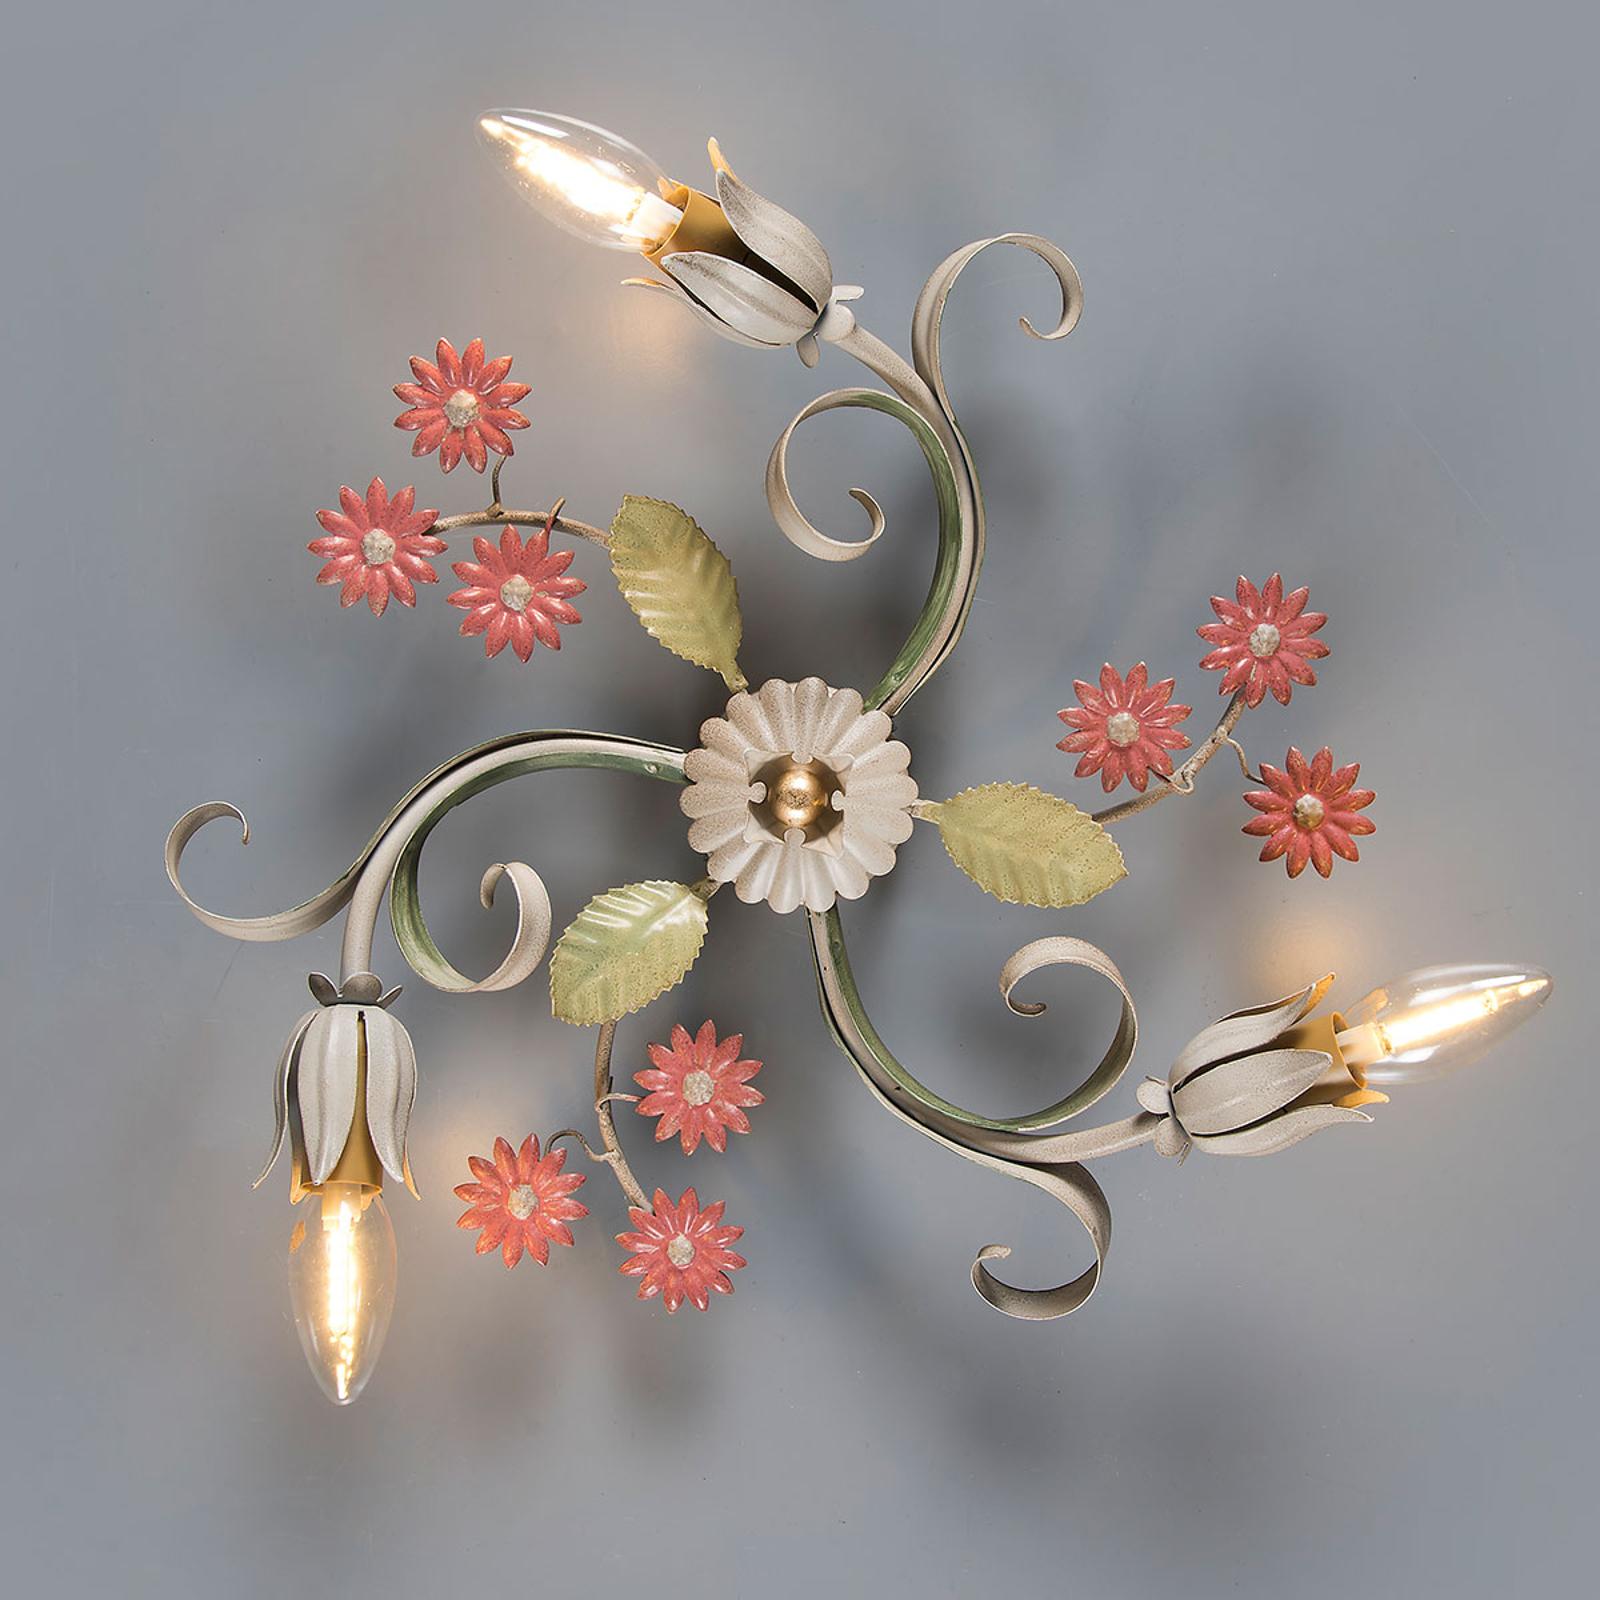 Applique Toscana florentine à 3 lampes